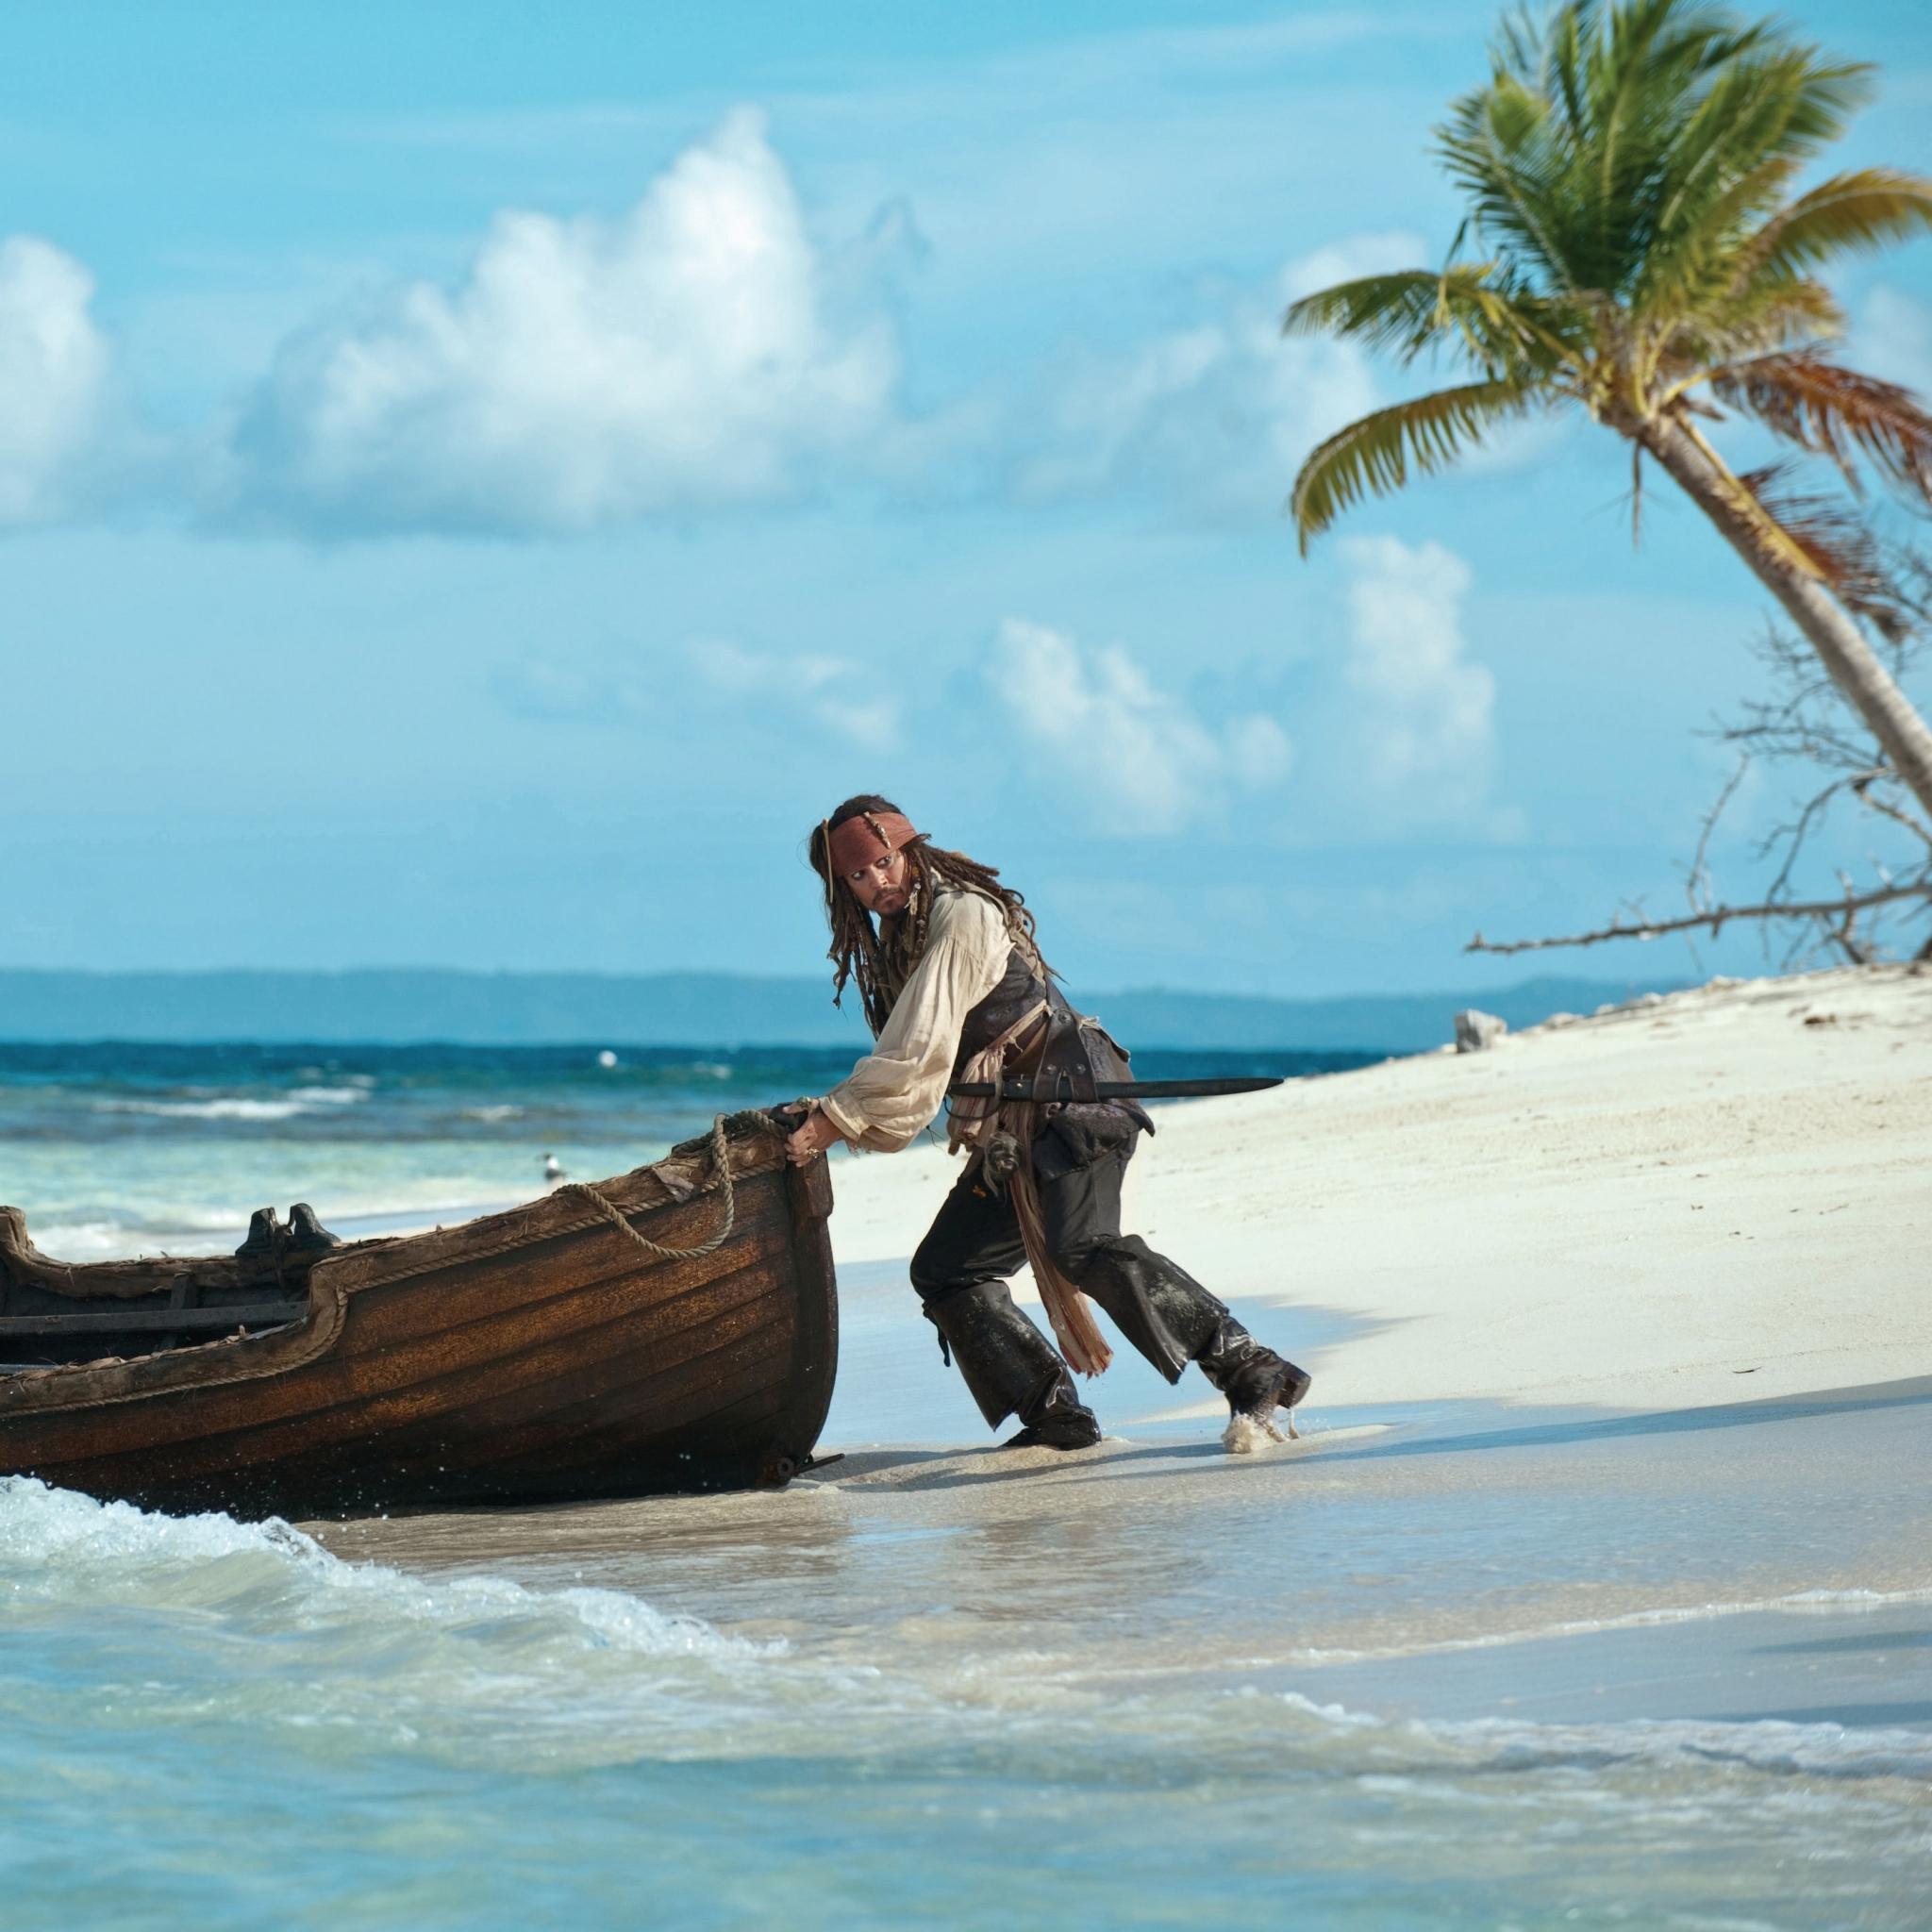 杰克船长 加勒比海盗 小岛 苹果手机高清壁纸 2048x